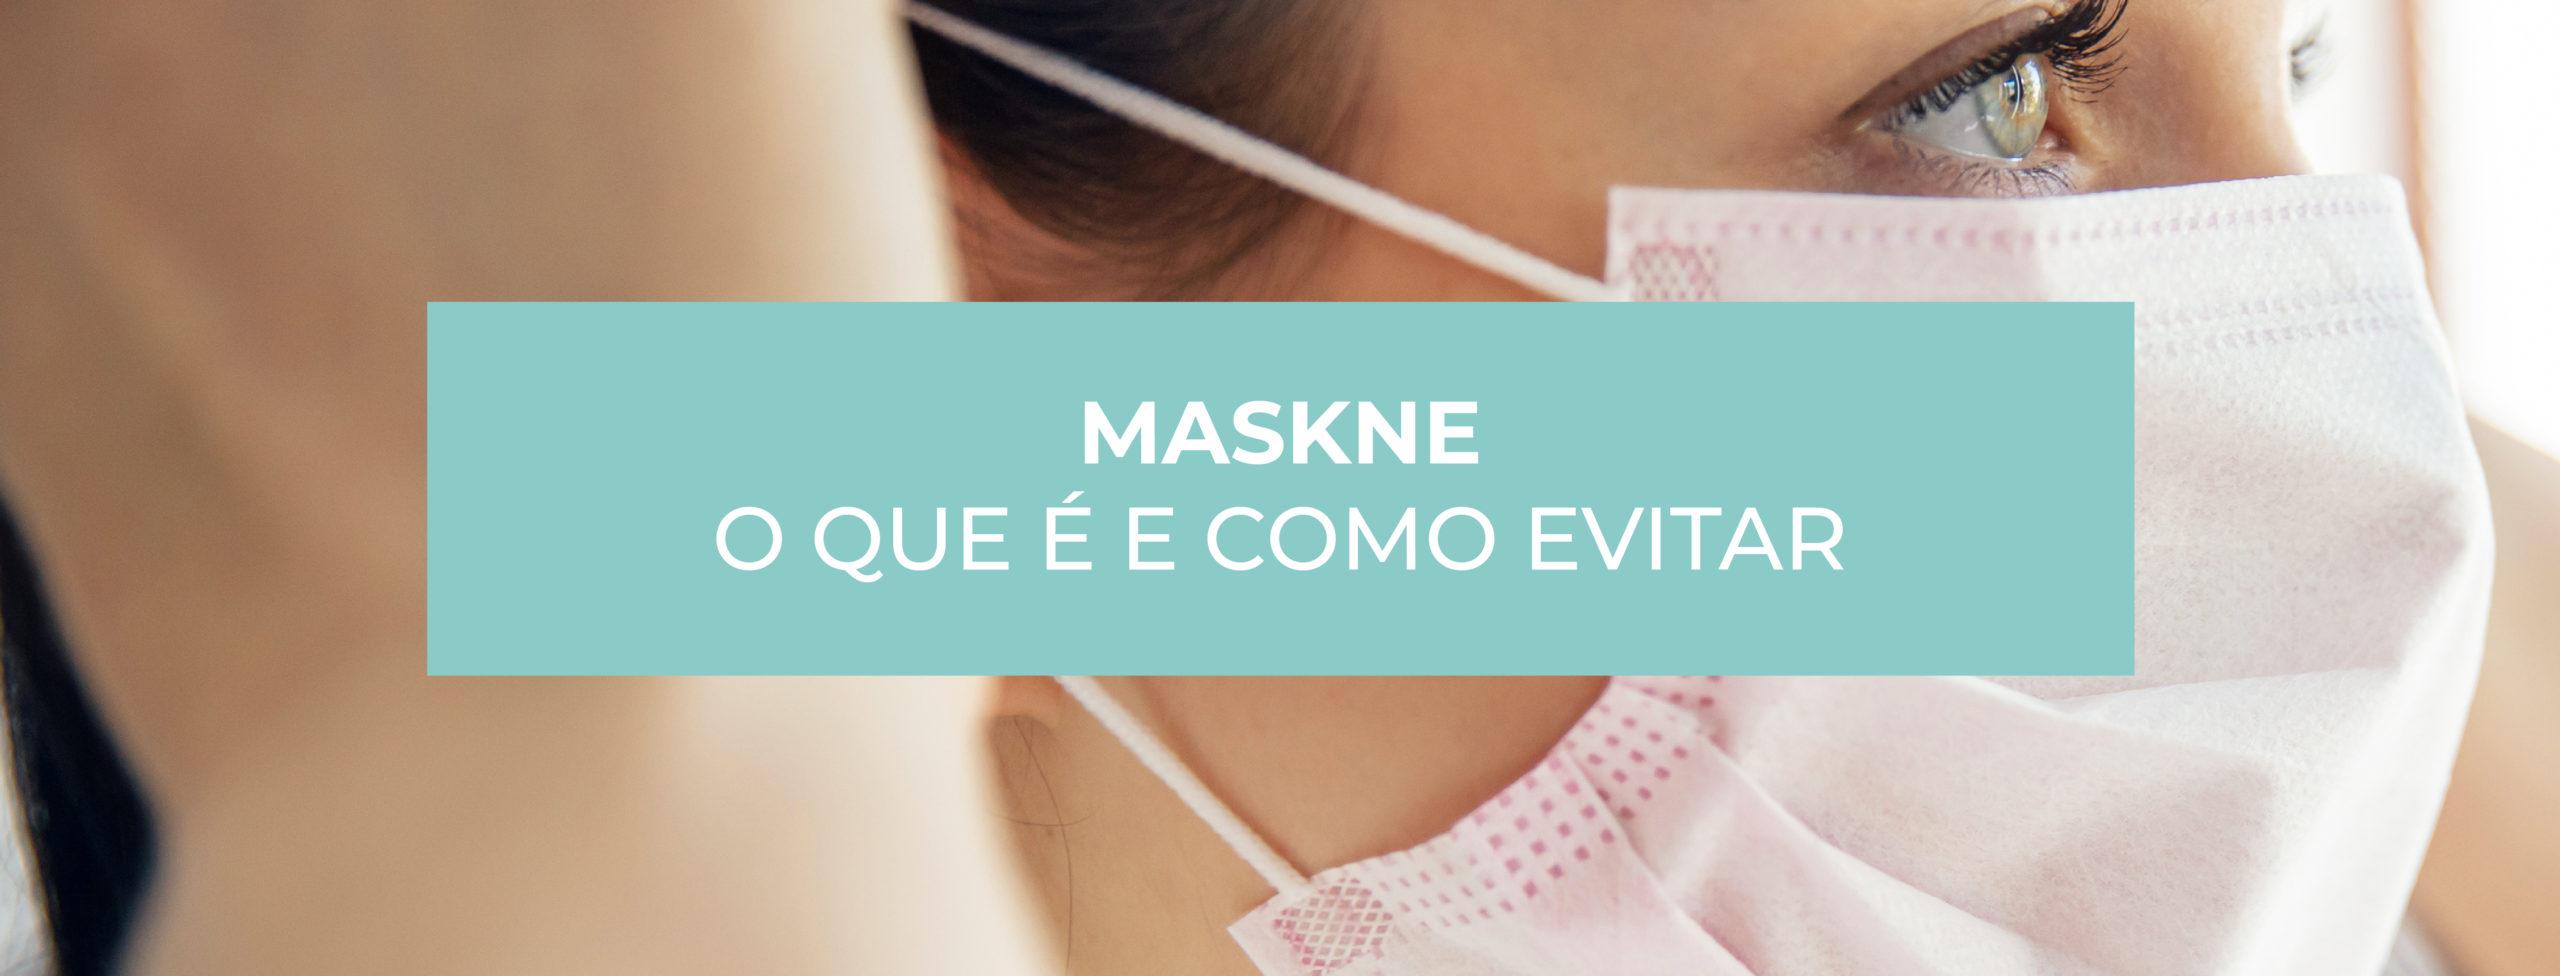 MASKNE: ENTENDA O QUE É, E COMO EVITAR O APARECIMENTO DE ACNE NO ROSTO